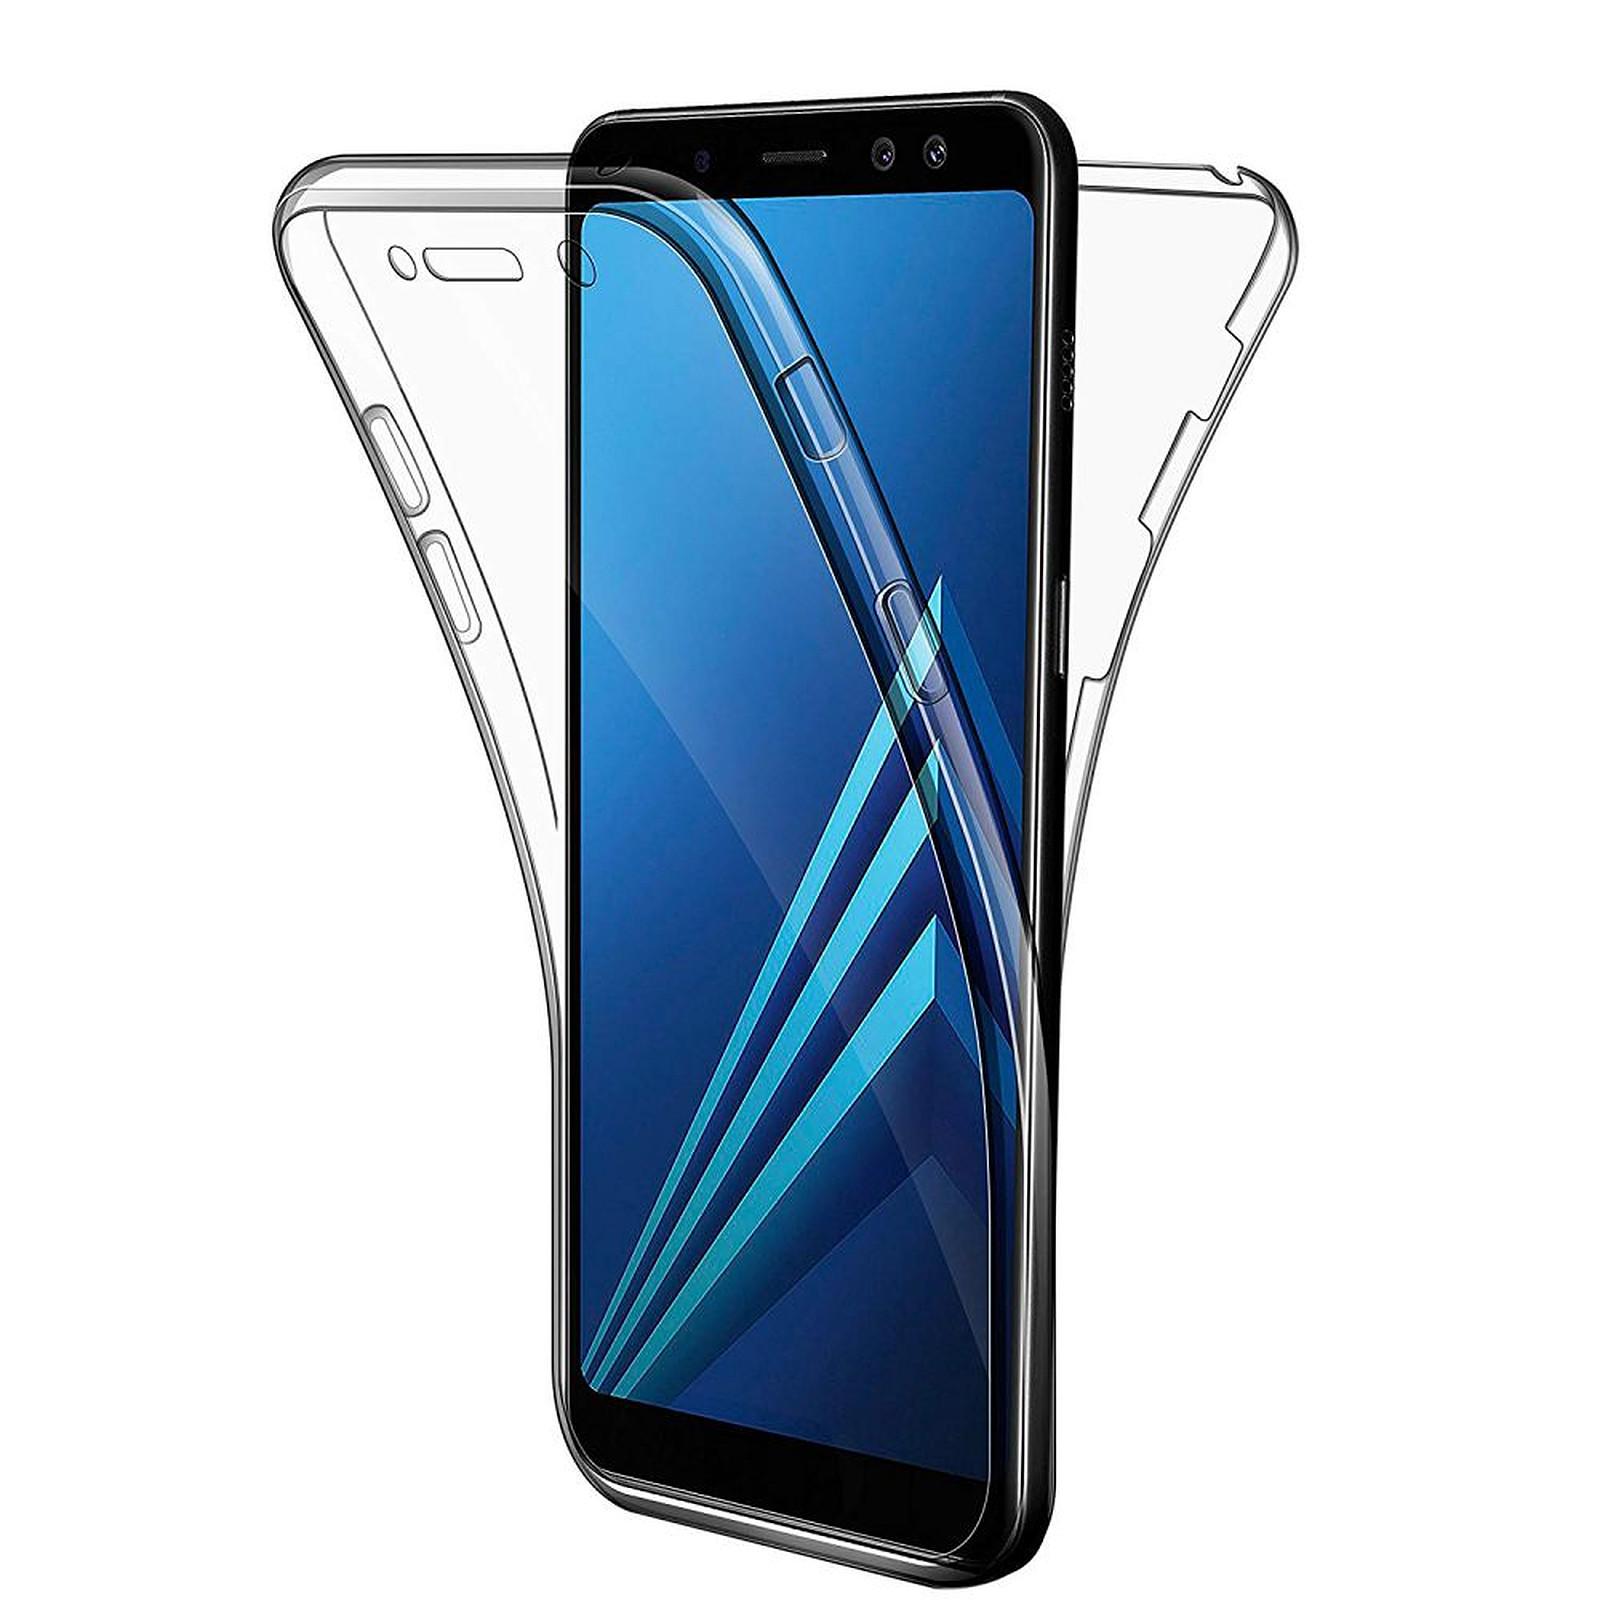 EVETANE Coque Galaxy A8 2018 Samsung 360 degrés intégrale protection avant arrière silicone transparente - Coque téléphone Evetane sur LDLC